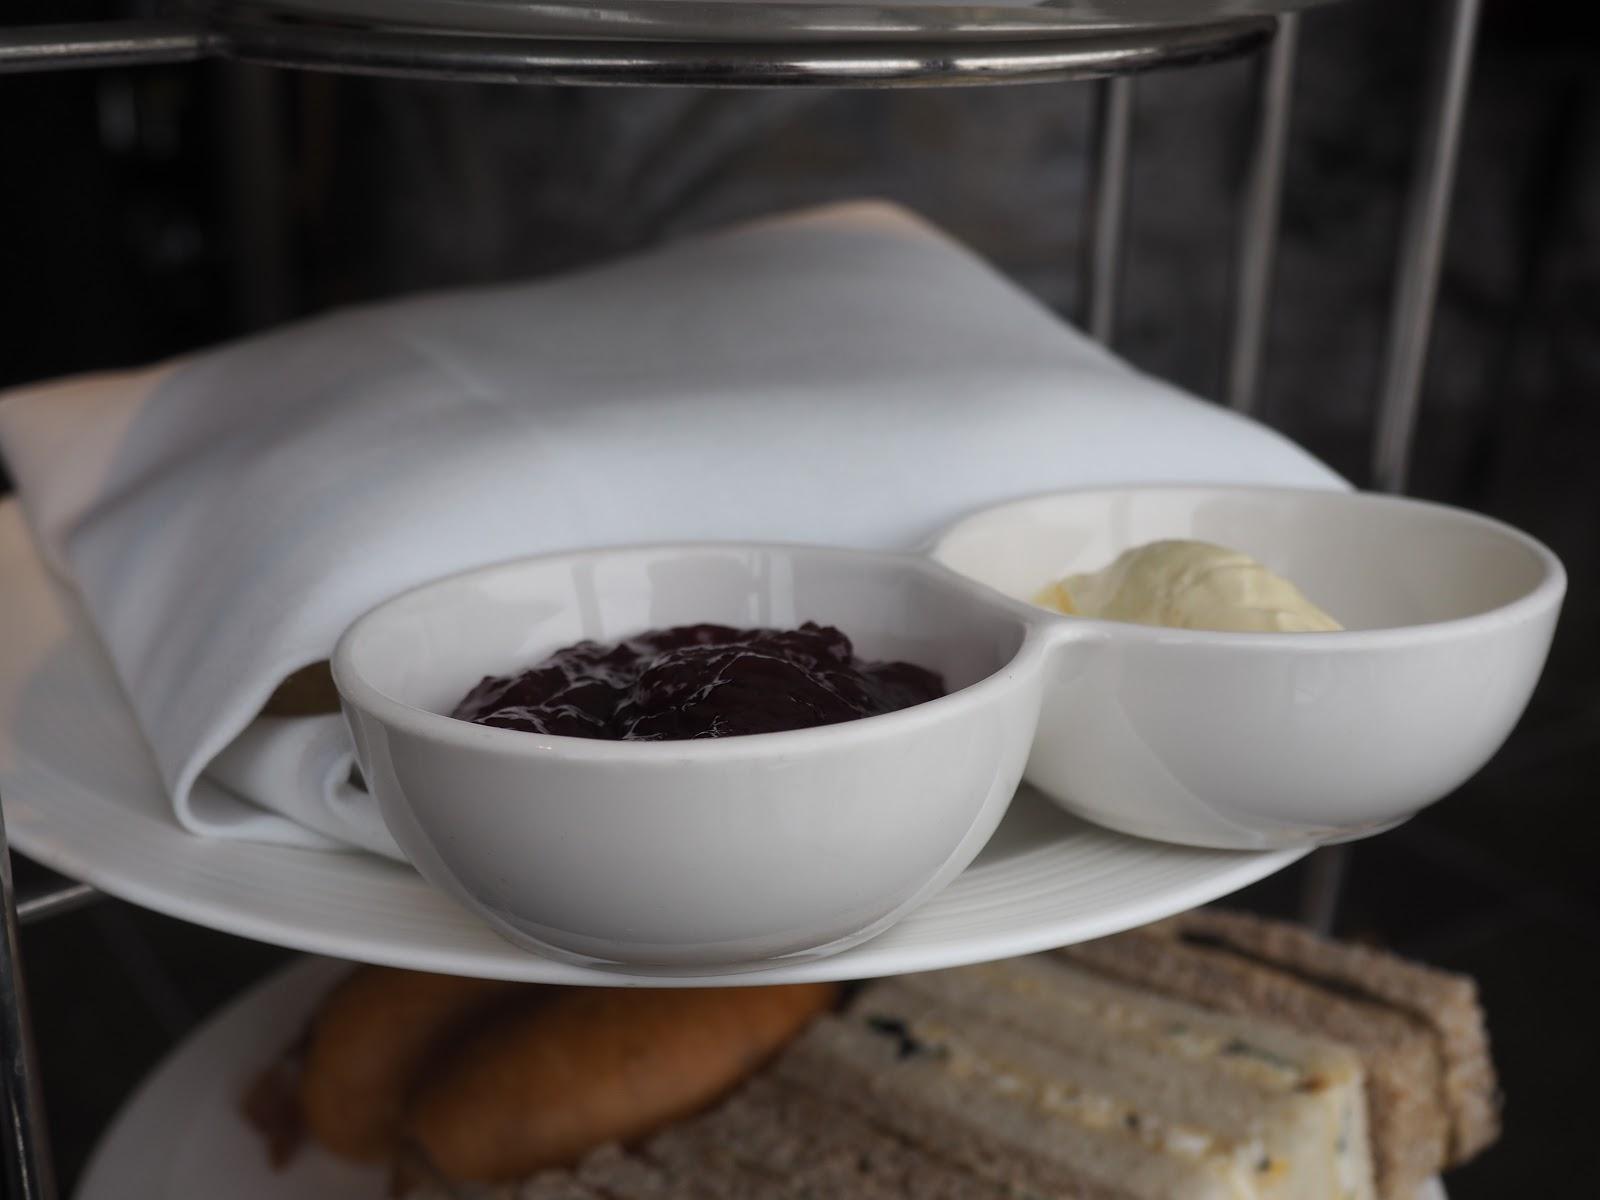 scones from Afternoon Tea at GONG Bar at the Shangri La at The Shard